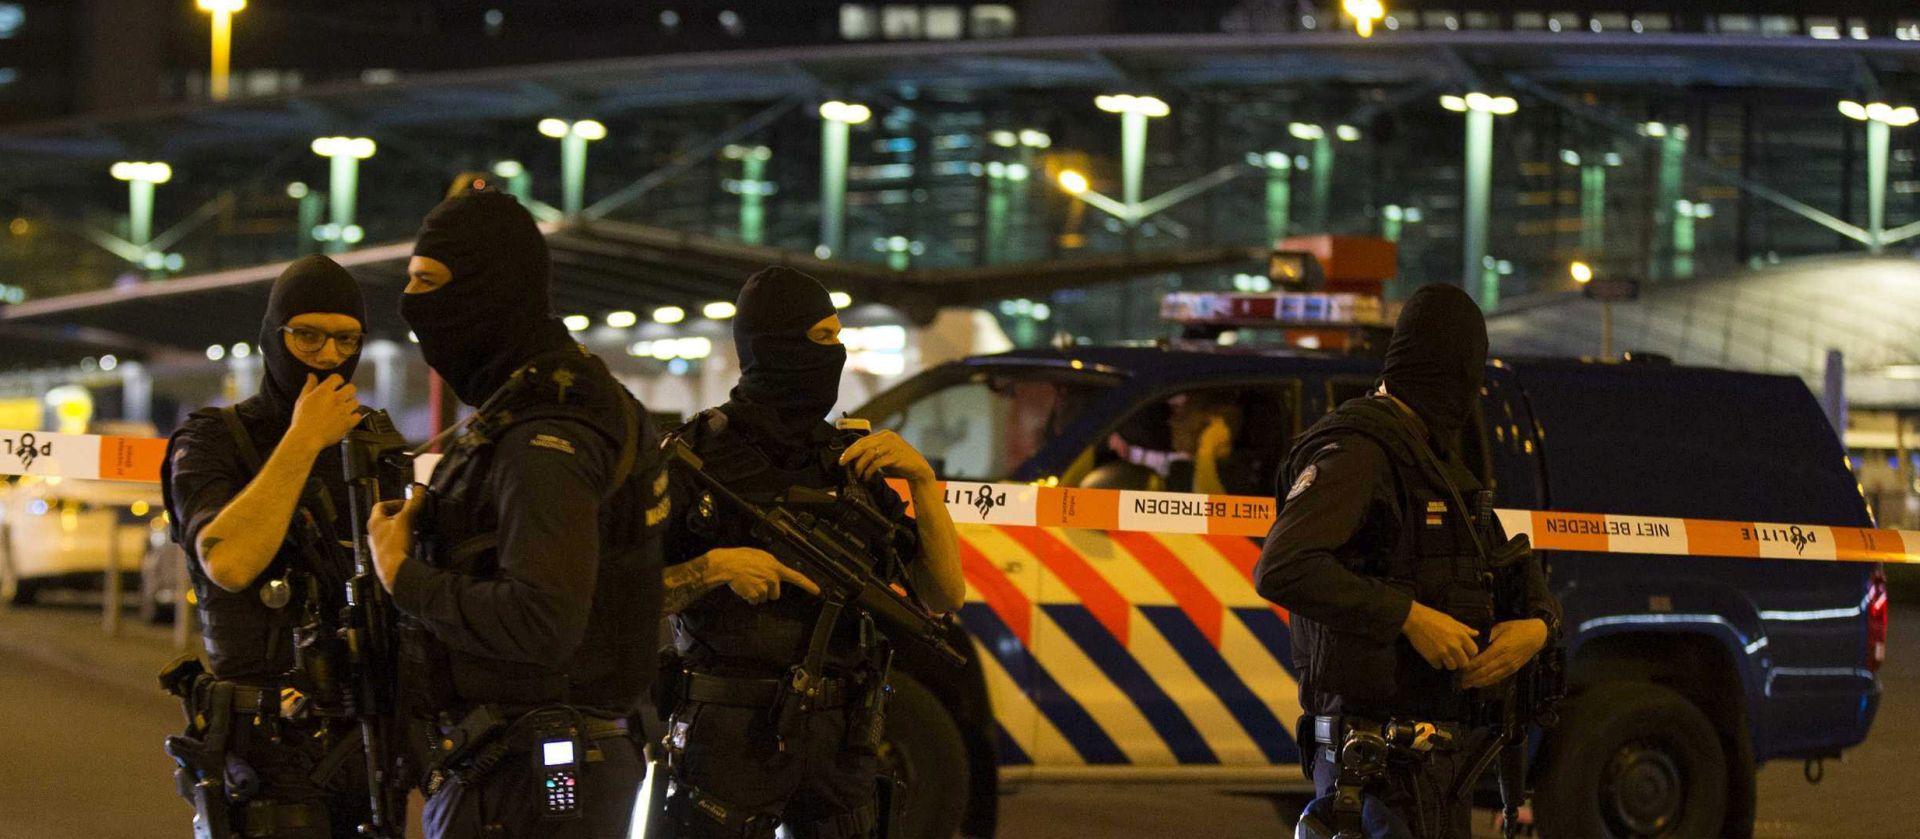 Zračna luka u Amsterdamu otvorena nakon djelomične evakuacije